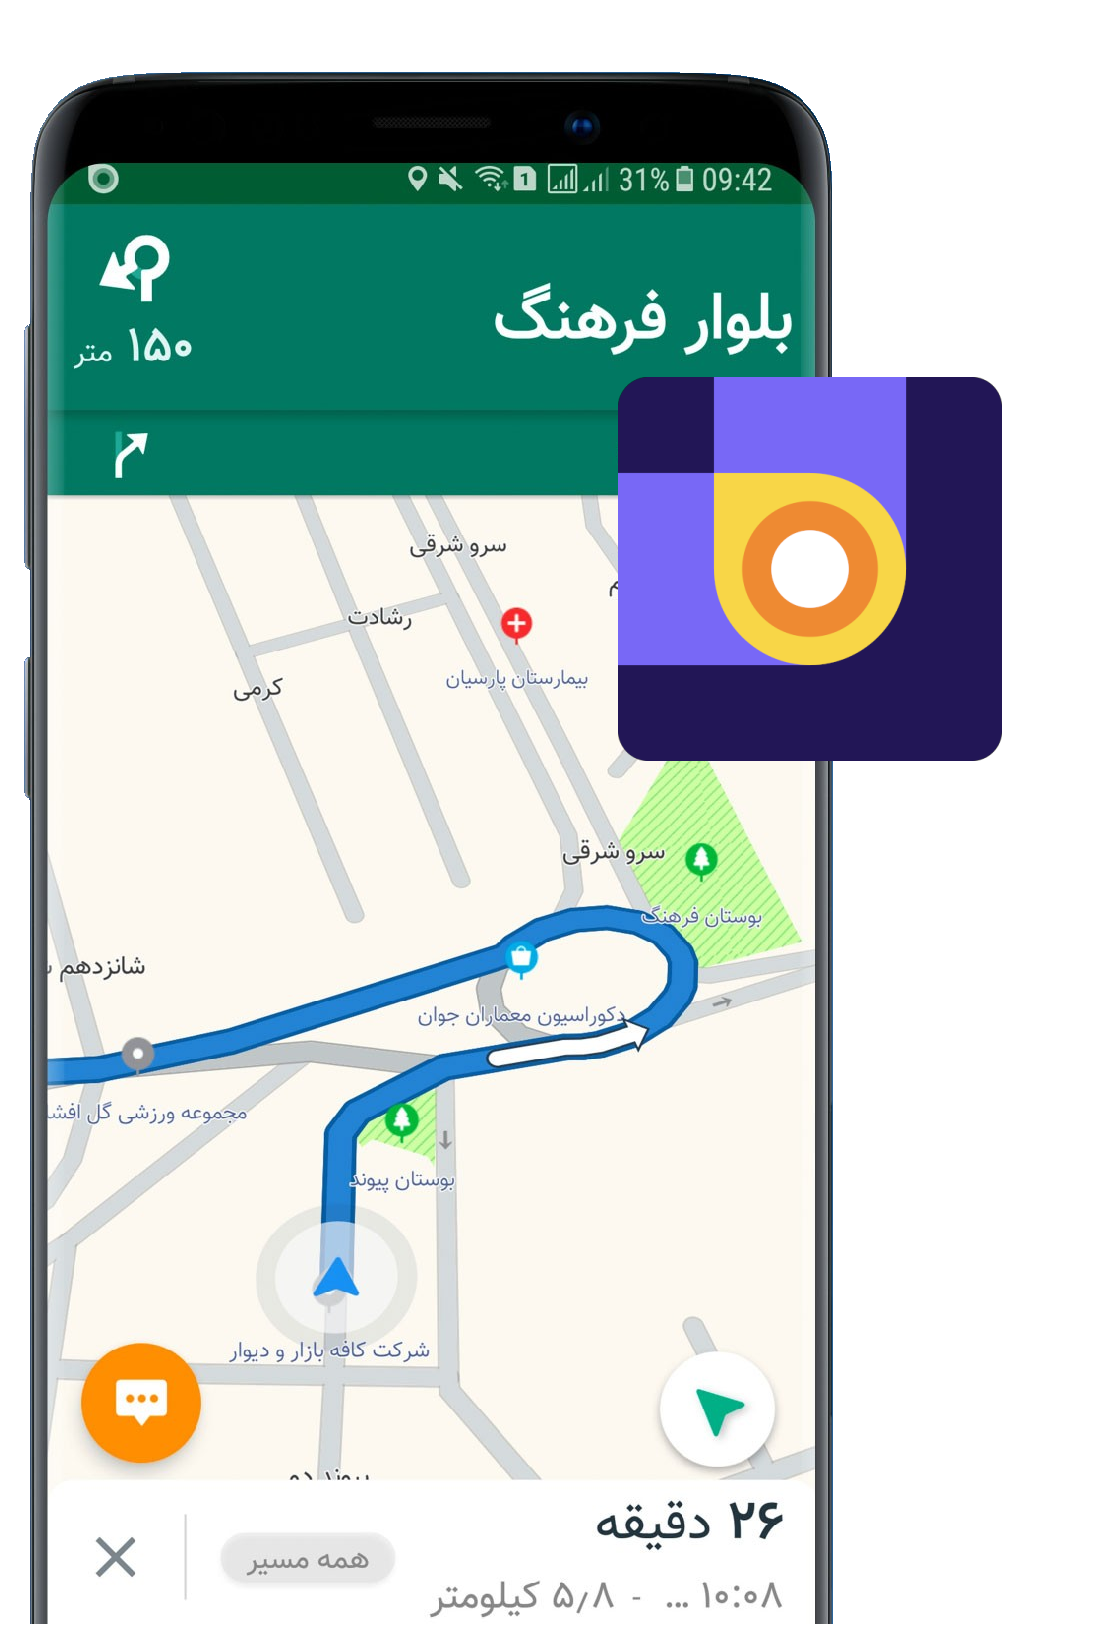 جمعآوری نقاط مهم کل نقشهی ایران: یک مسالهی کامپیوتر ویژن؟